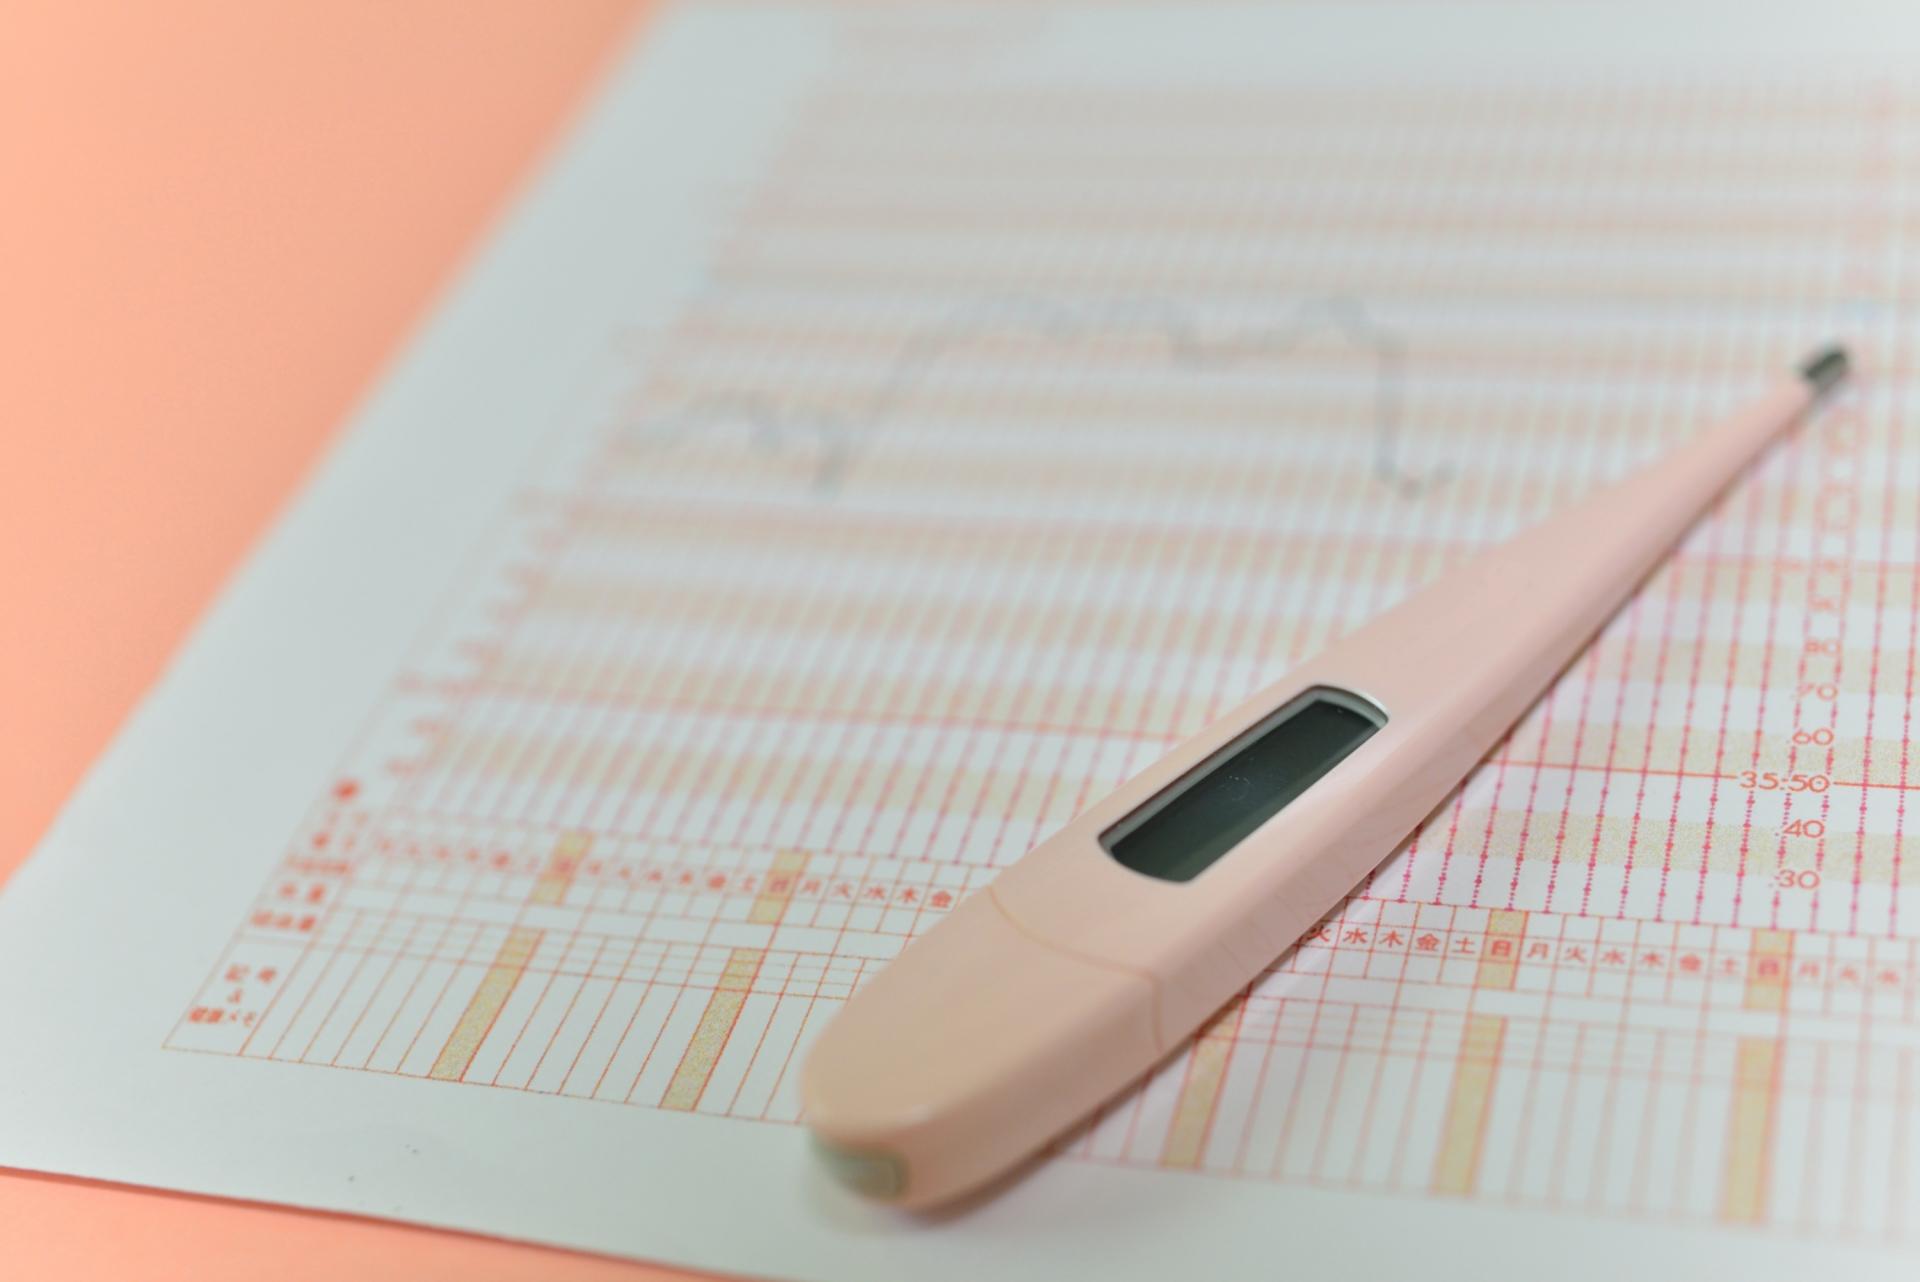 妊娠検査キット